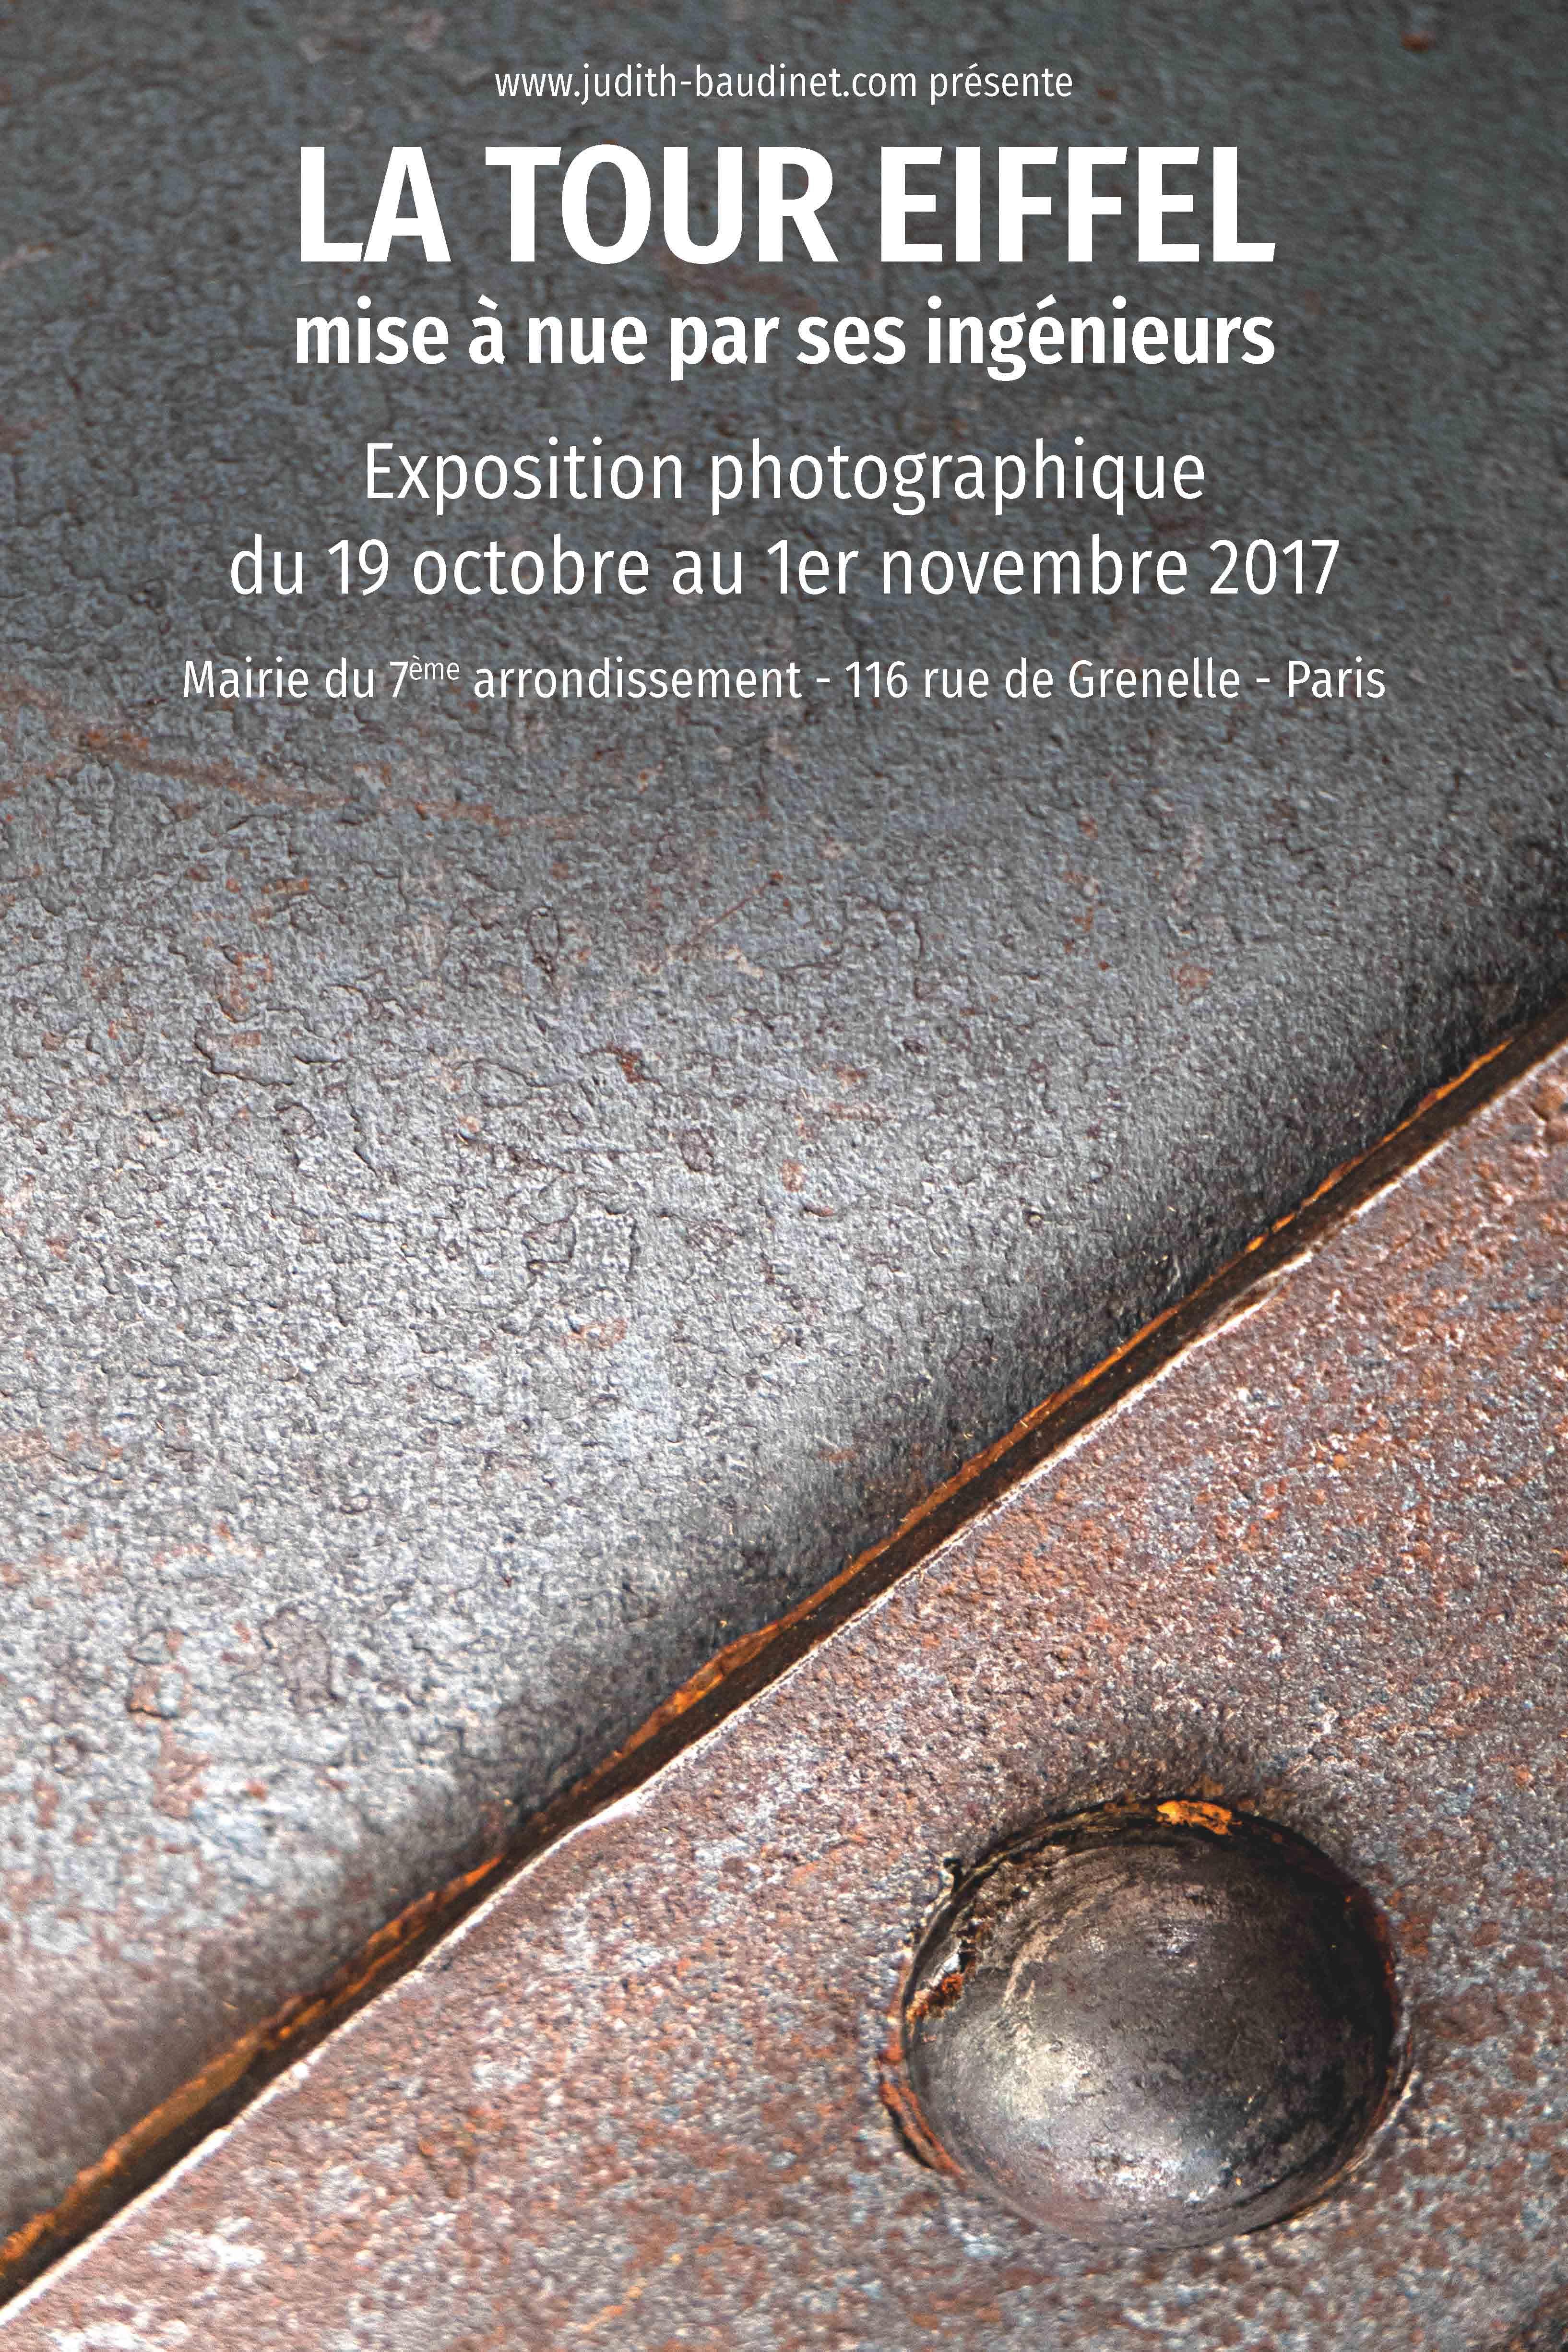 Affiche - 2 - expo Tour Eiffel 2017